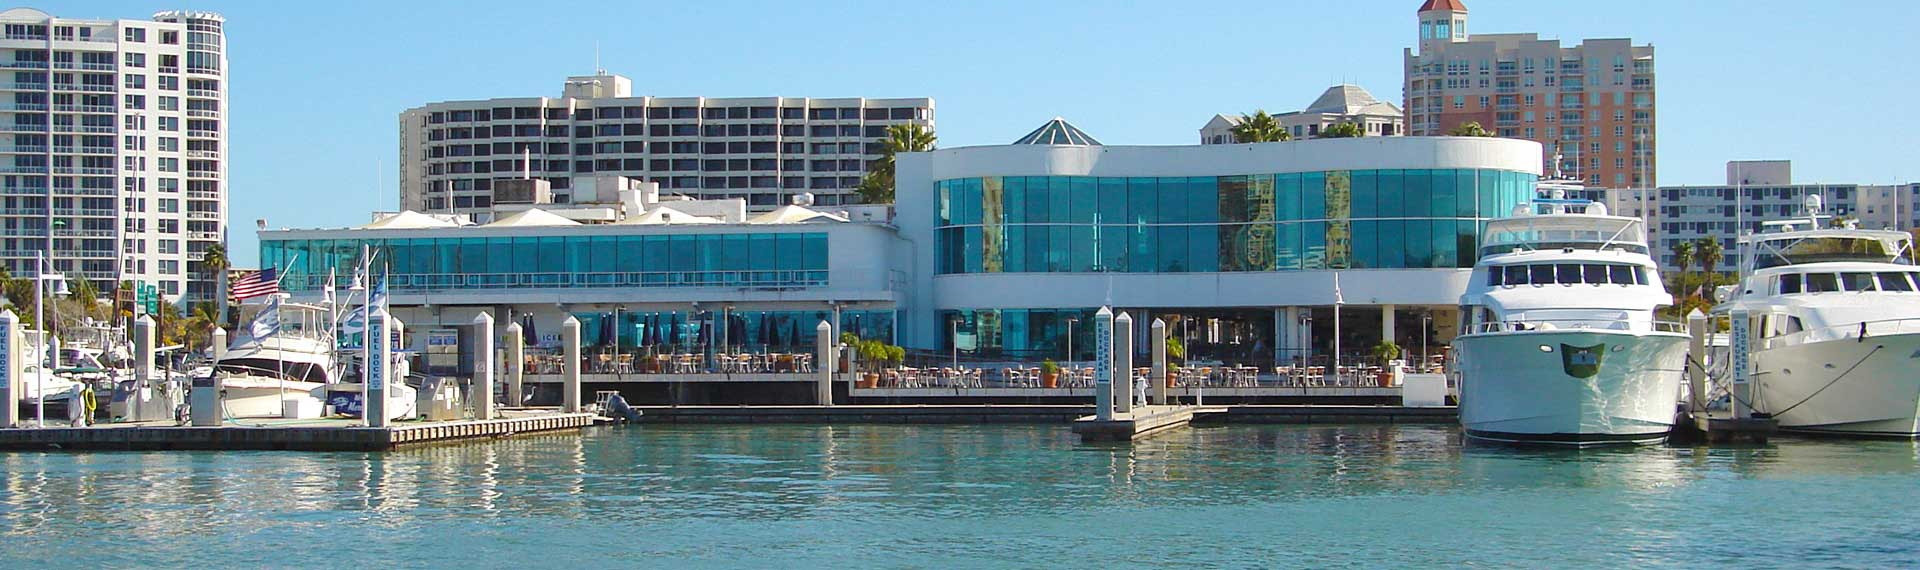 Marina Jack Waterfront Dining & Marina